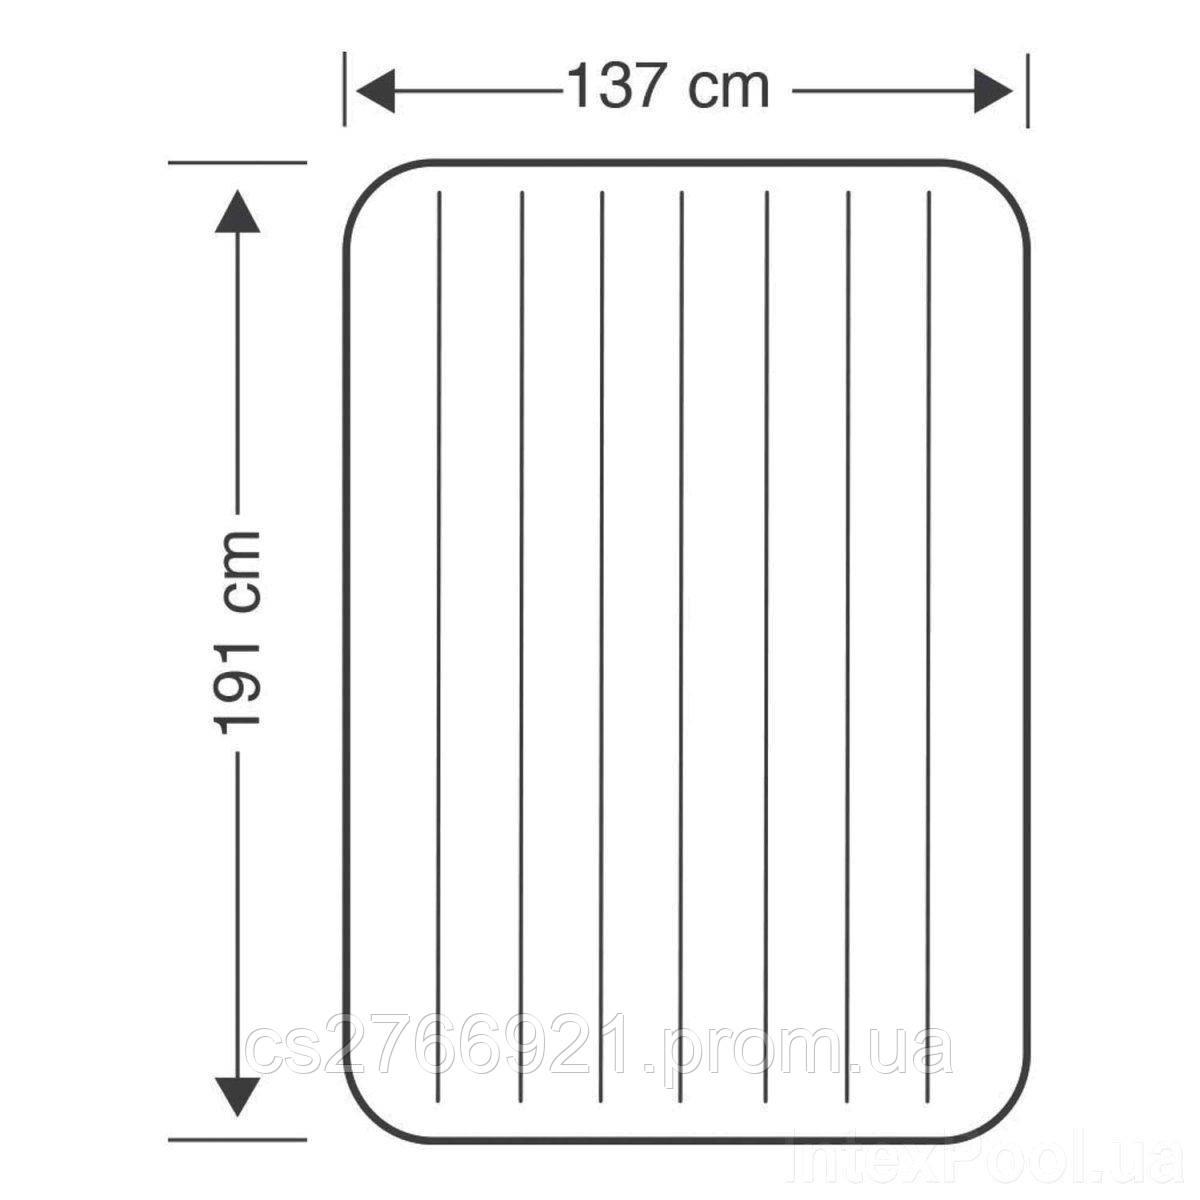 Надувной матрас Intex 68758, 137 х 191 х 22 см.